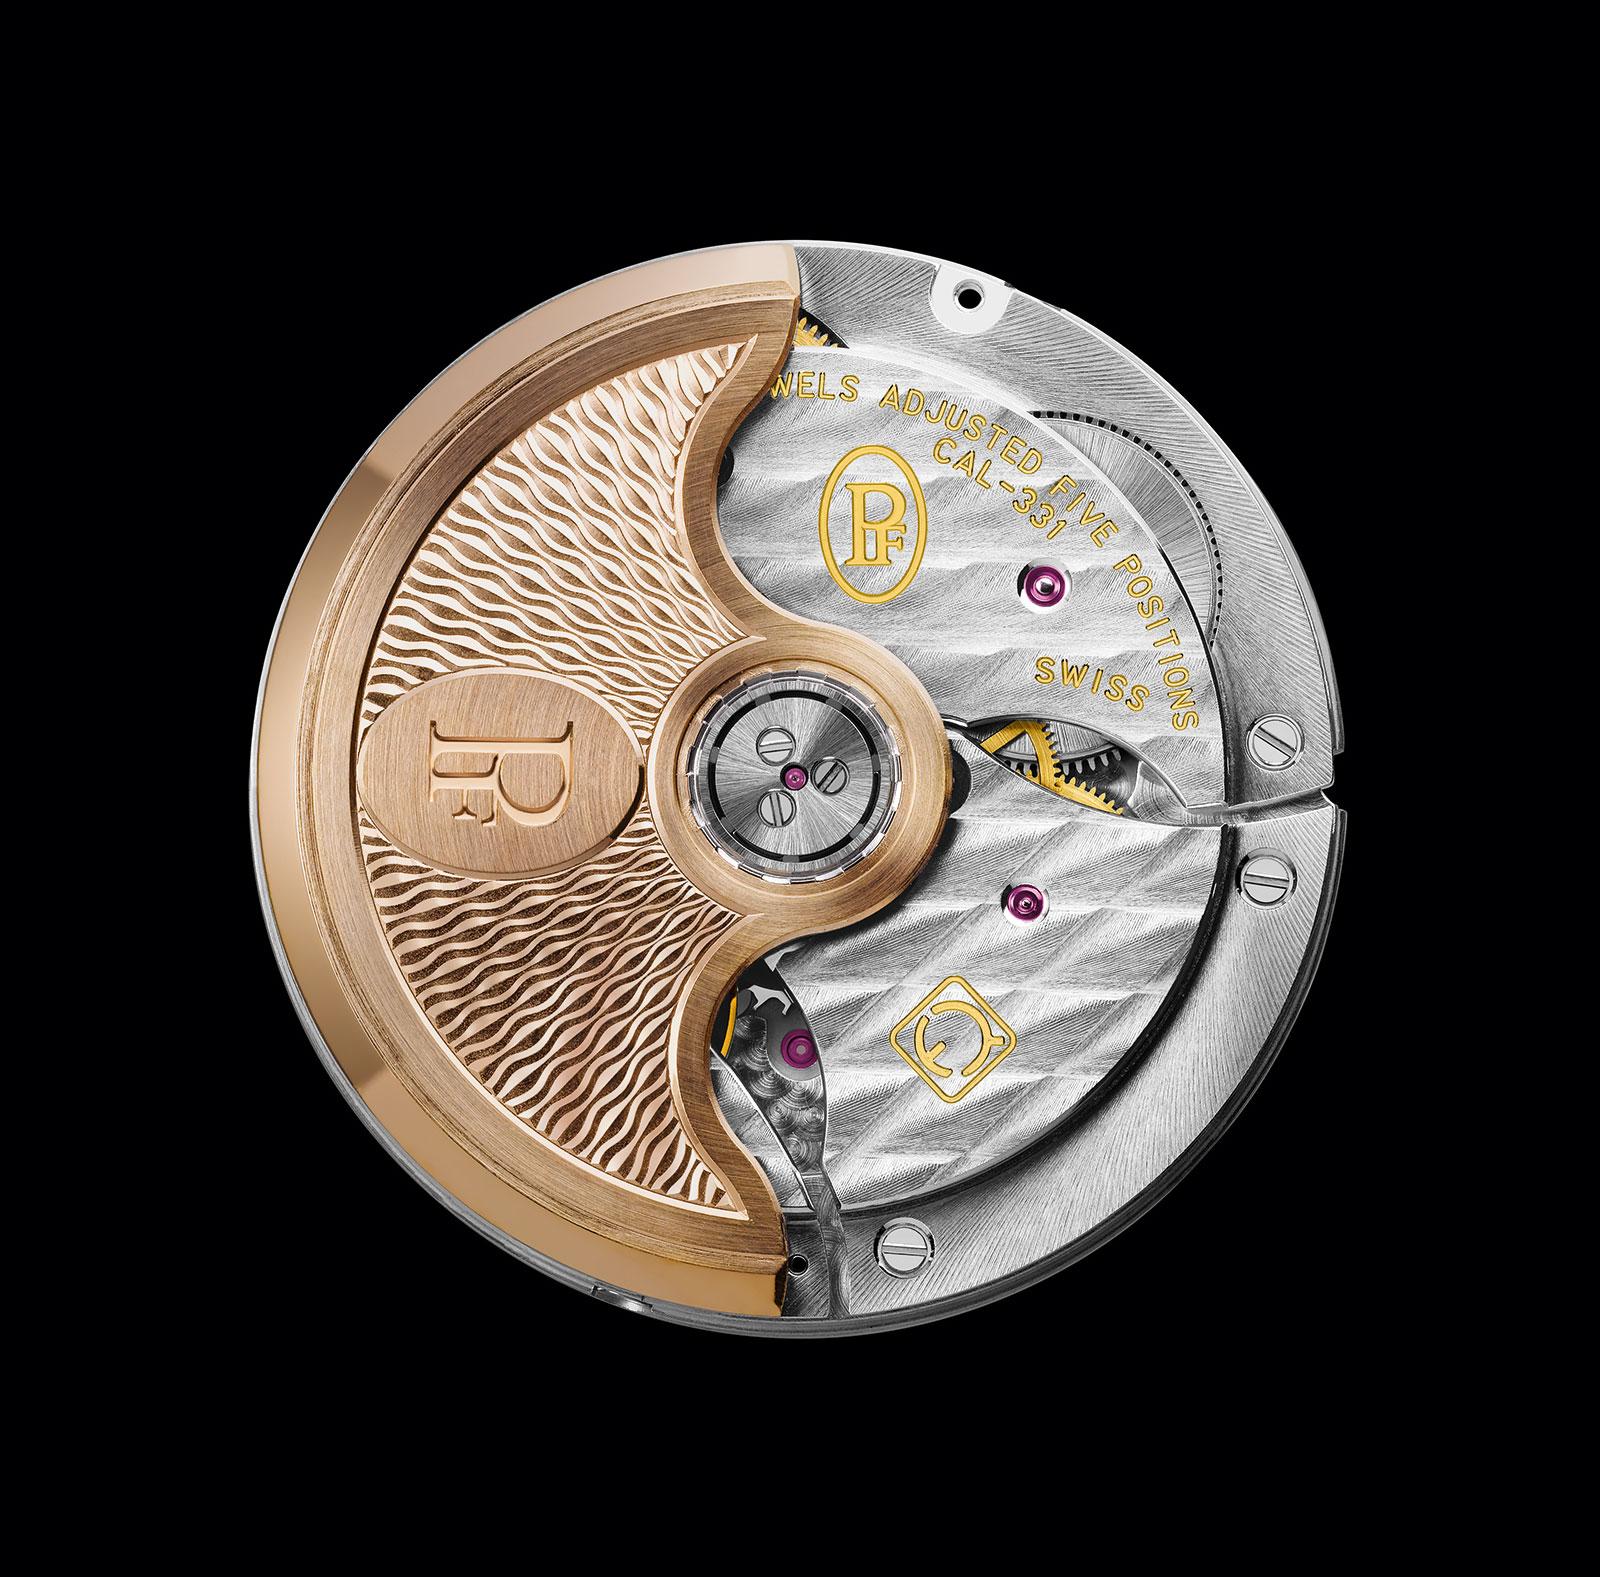 Parmigiani Toric Qualité Fleurier watch 4